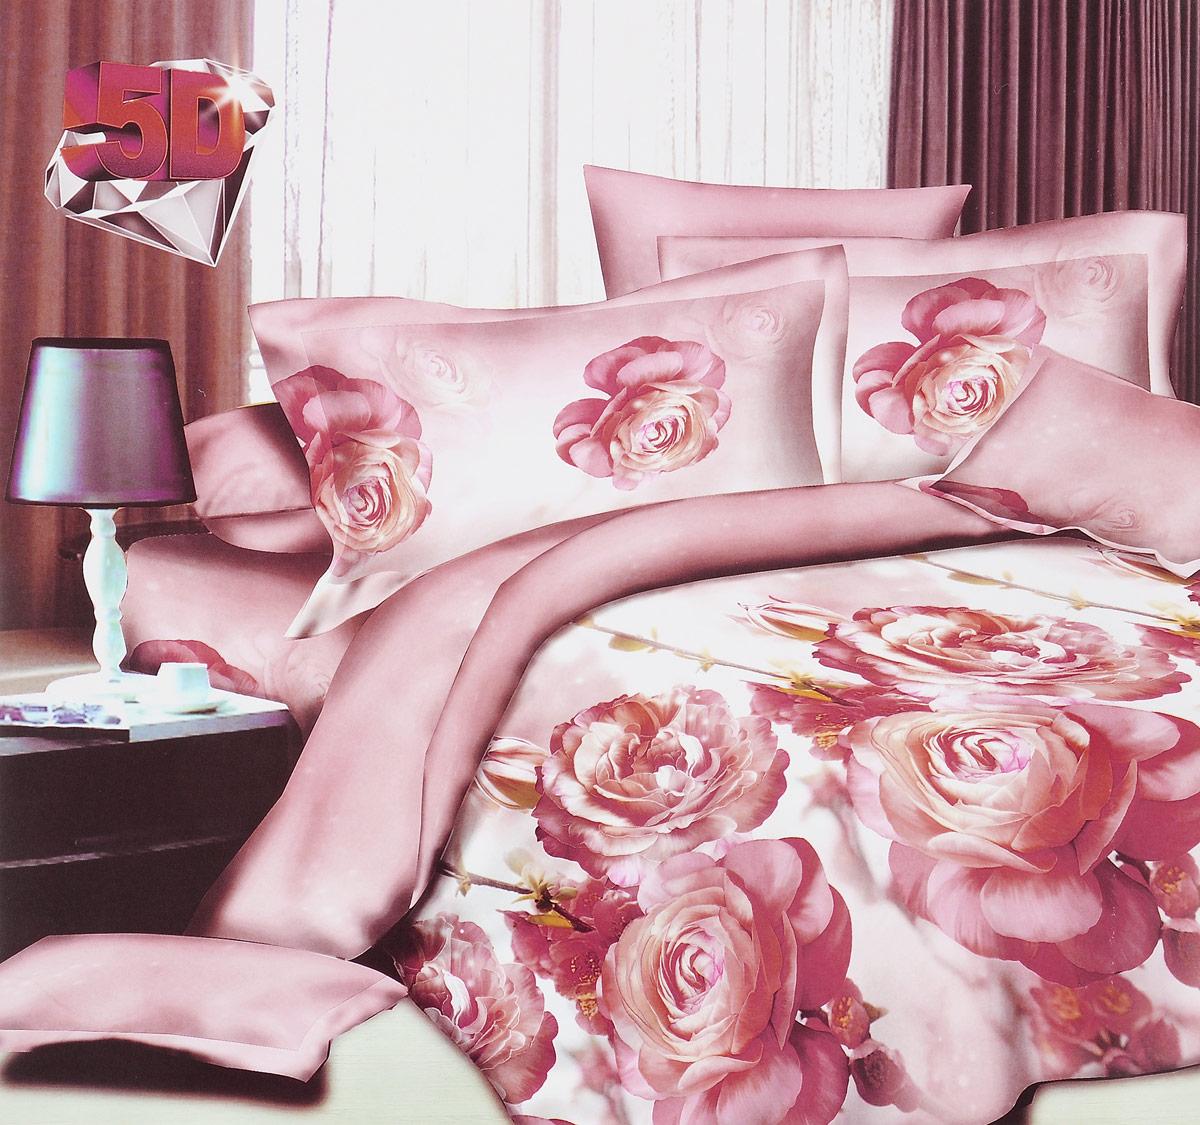 Комплект белья ЭГО Южная Роза, 1,5-спальный, наволочки 70x70Э-2017-01Комплект белья ЭГО Южная Роза выполнен из полисатина (50% хлопка, 50% полиэстера). Комплект состоит из пододеяльника, простыни и двух наволочек. Постельное белье имеет изысканный внешний вид и яркую цветовую гамму. Гладкая структура делает ткань приятной на ощупь, мягкой и нежной, при этом она прочная и хорошо сохраняет форму. Ткань легко гладится, не линяет и не садится. Приобретая комплект постельного белья ЭГО Южная Роза, вы можете быть уверенны в том, что покупка доставит вам и вашим близким удовольствие и подарит максимальный комфорт.